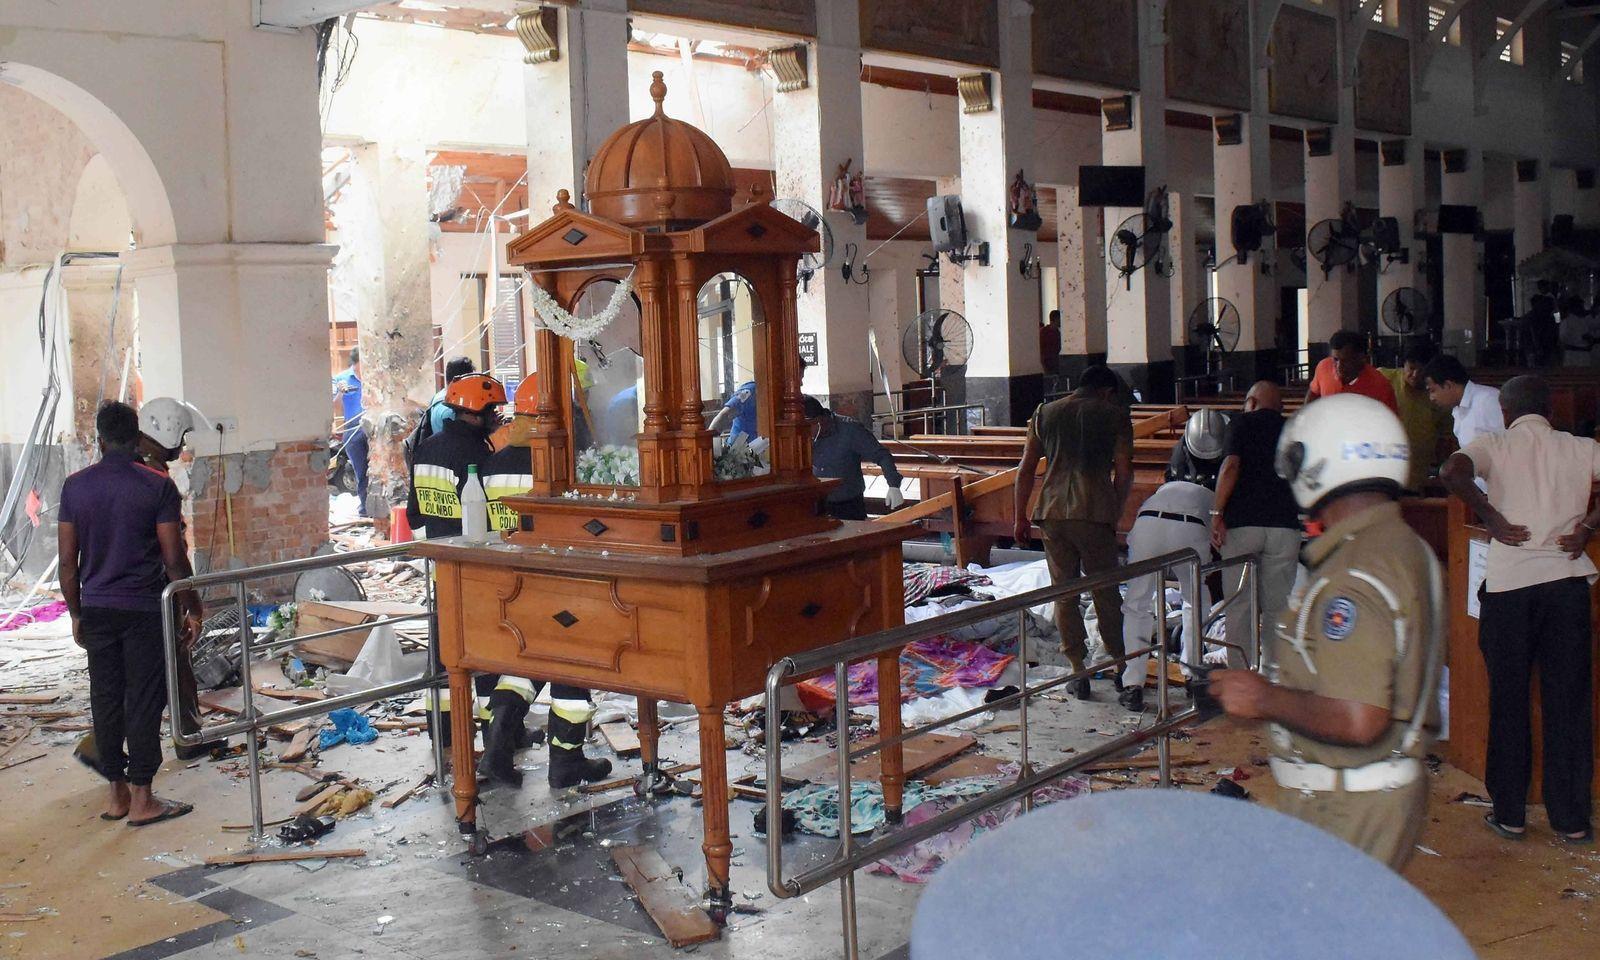 Bilder der Verwüstung in der St. Anthony-Kirche